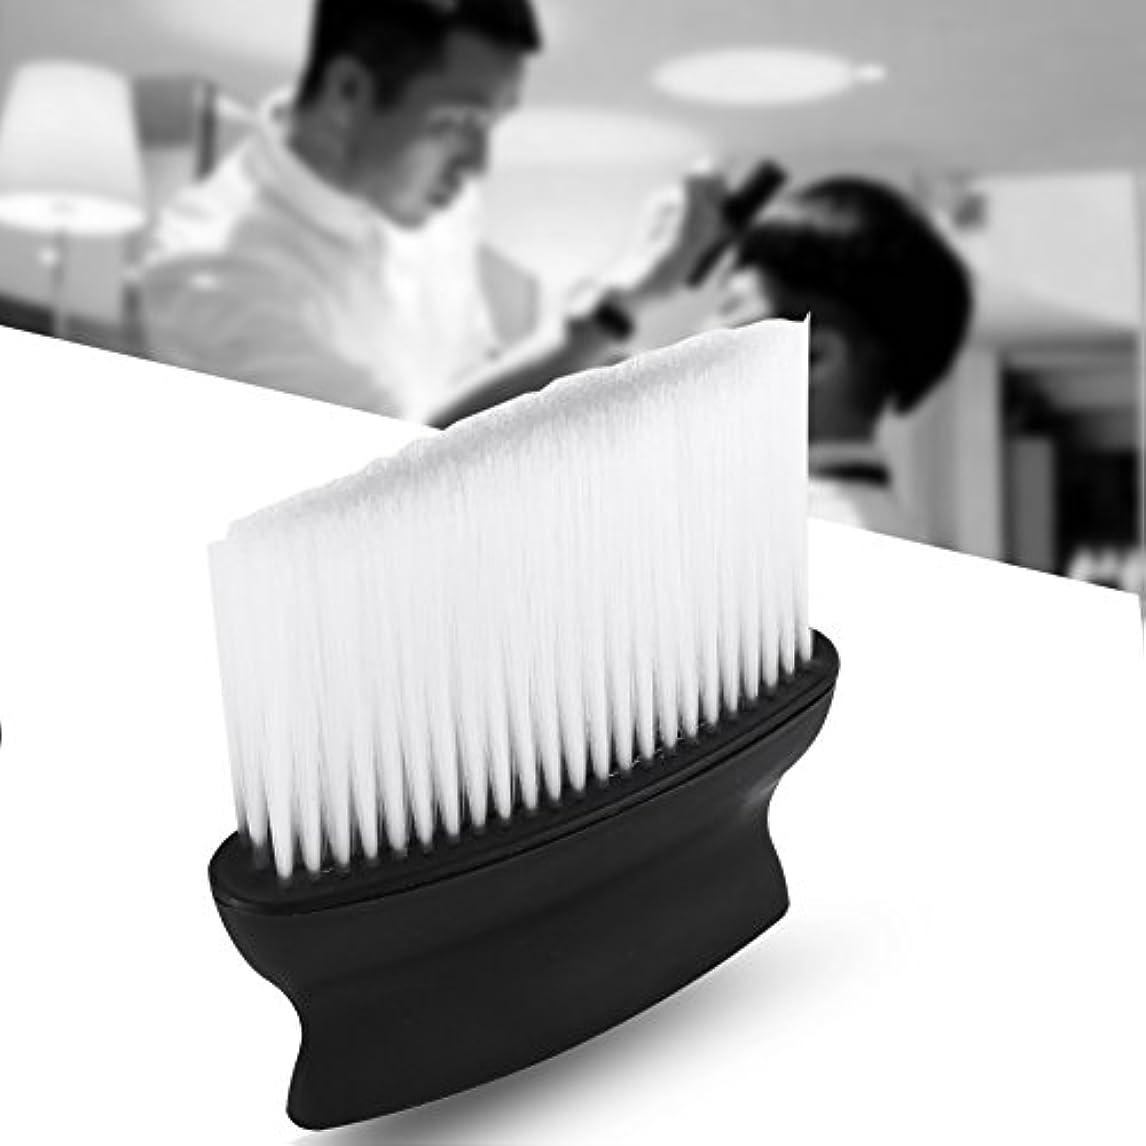 私の織るマウントバンクサロンブラシ 髪ブラシ 髪掃除 シェービングブラシ 理髪店 バッガーヘア シェービングブラシ 理髪師ヘアスタイリングスタイリストサロン